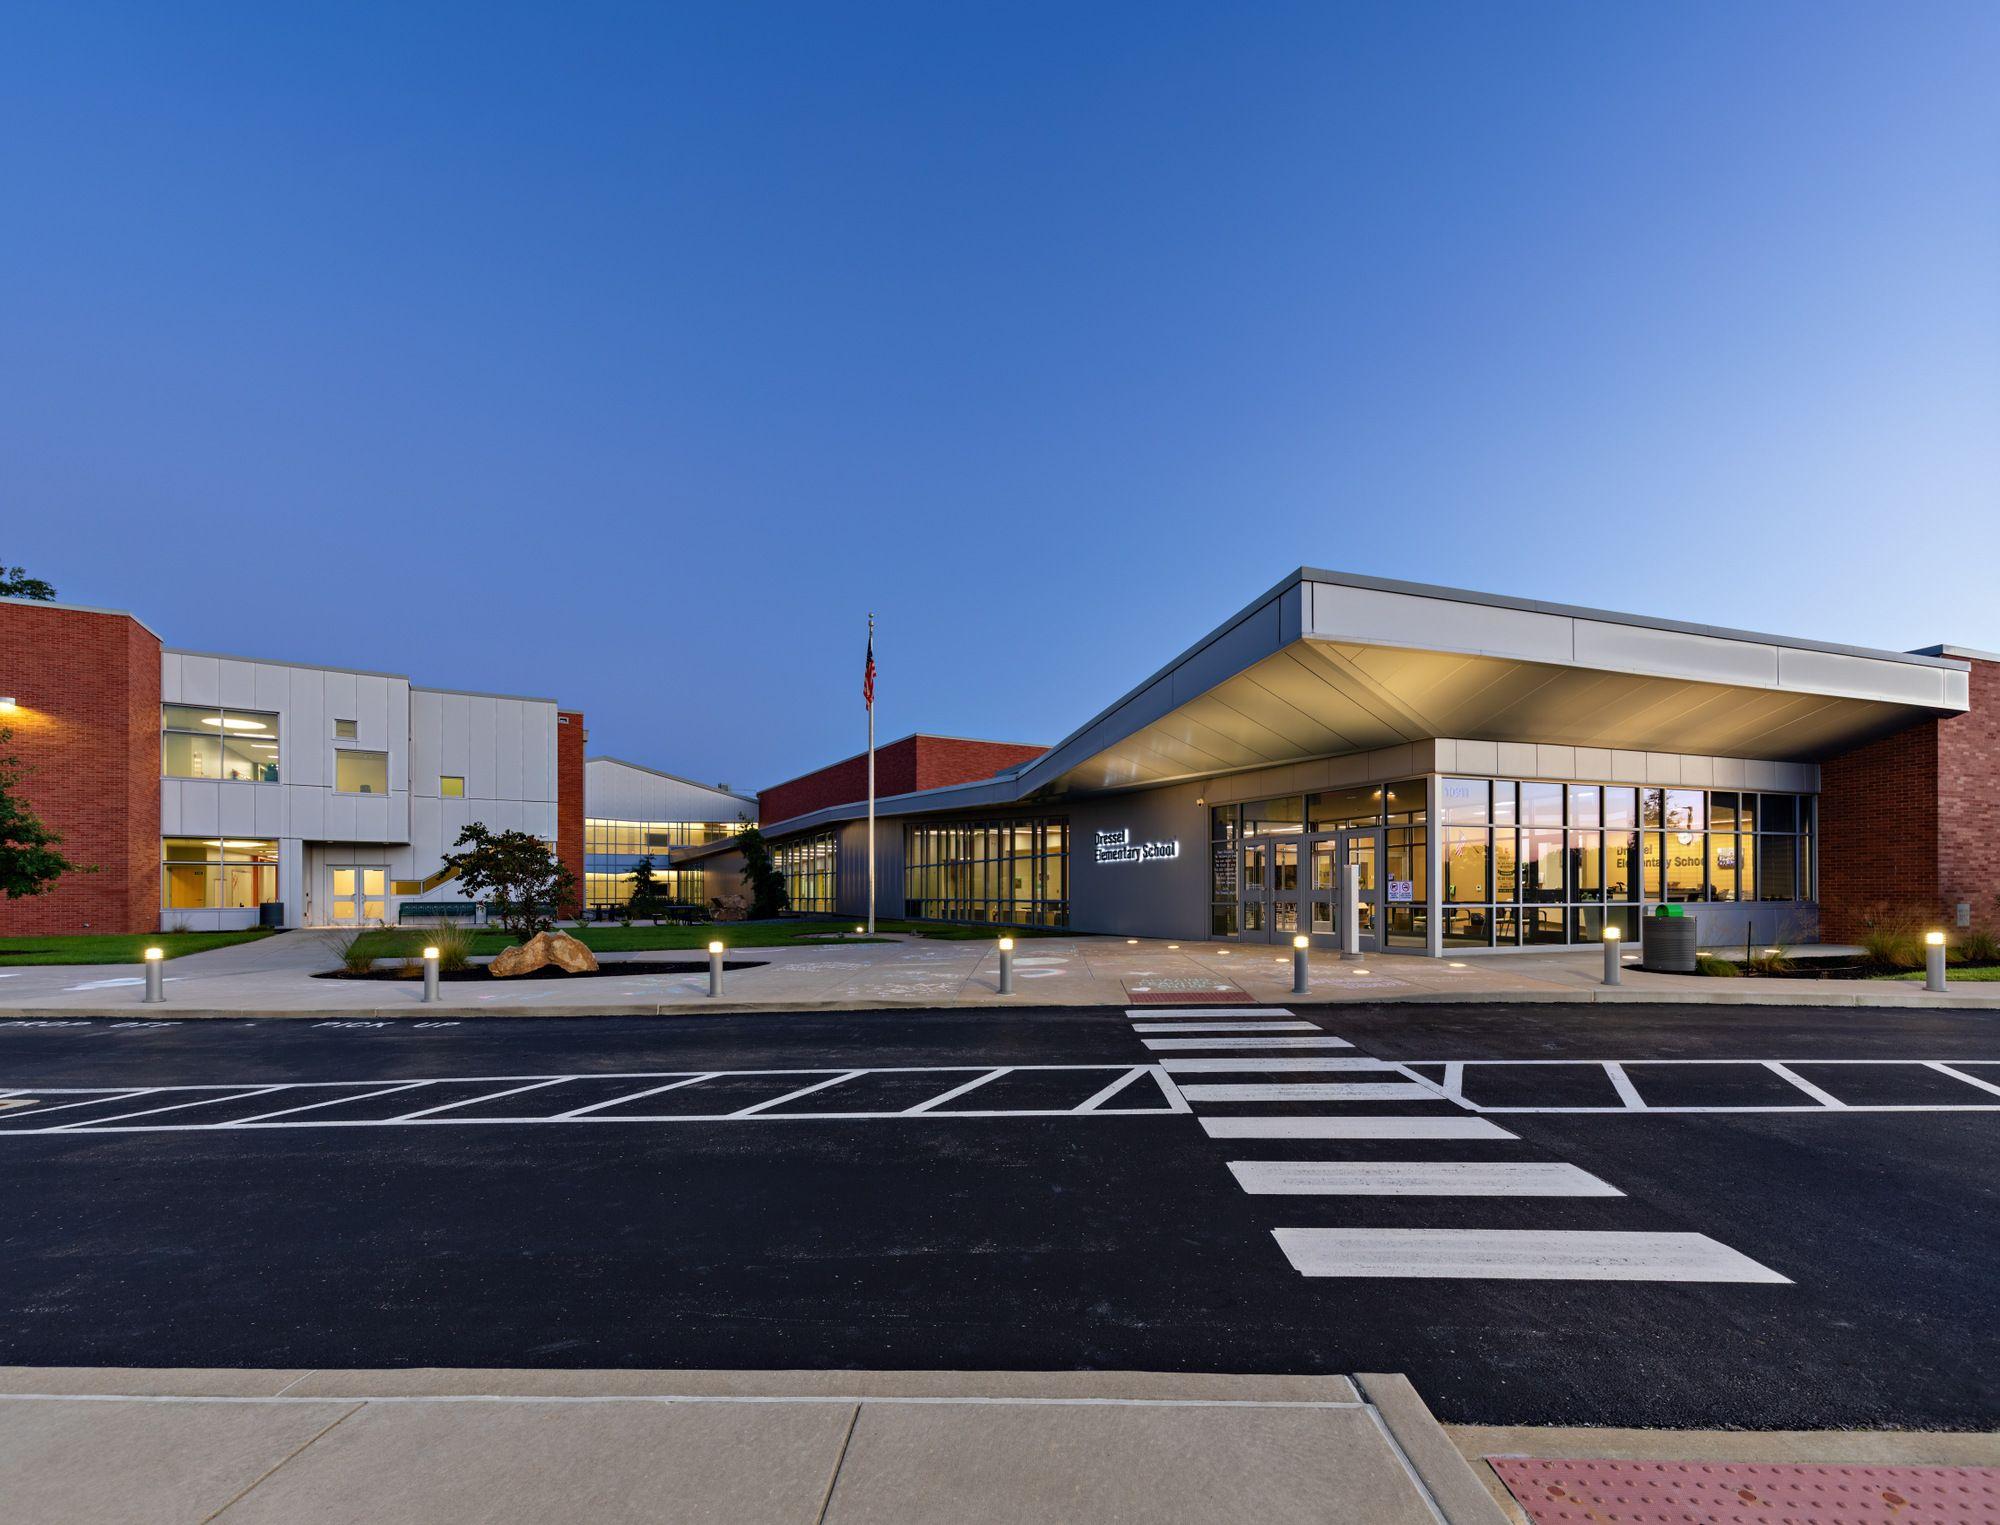 Dressel Elementary School